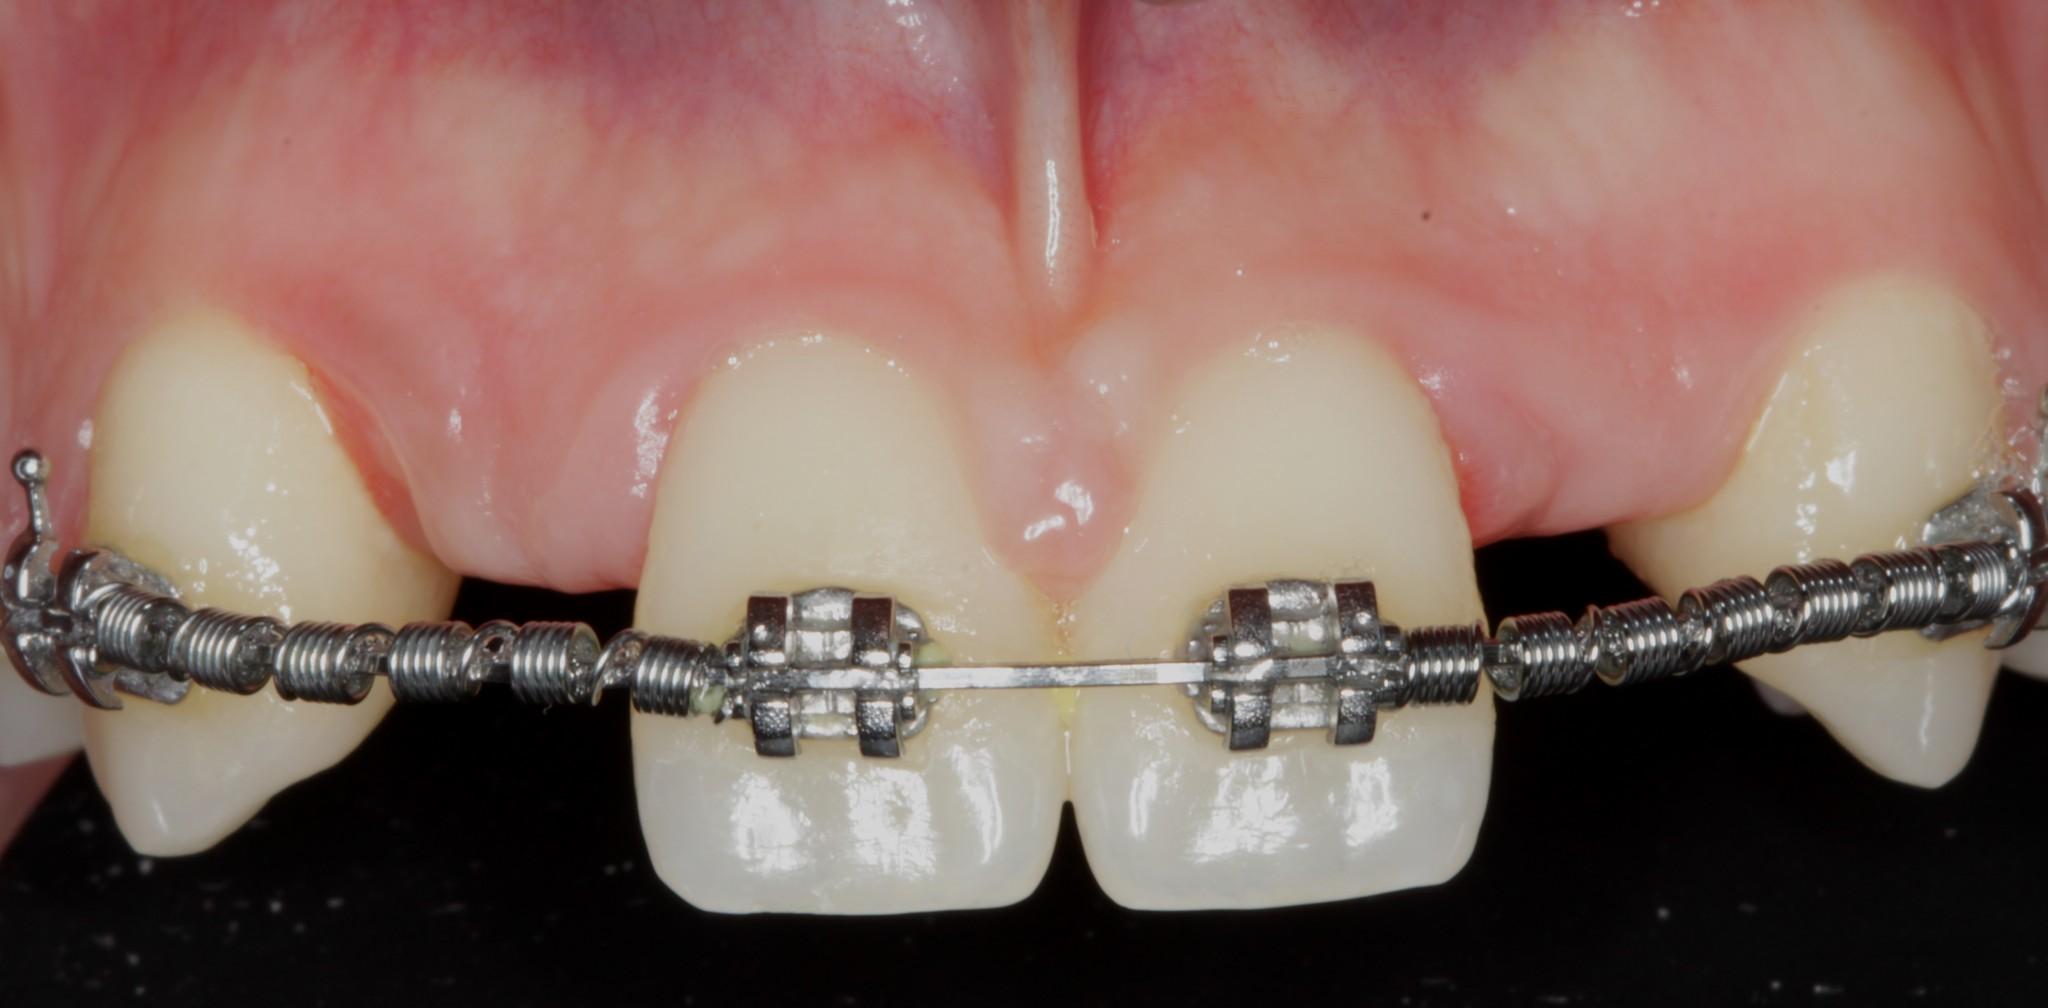 dientes-en-el-dia-carballo